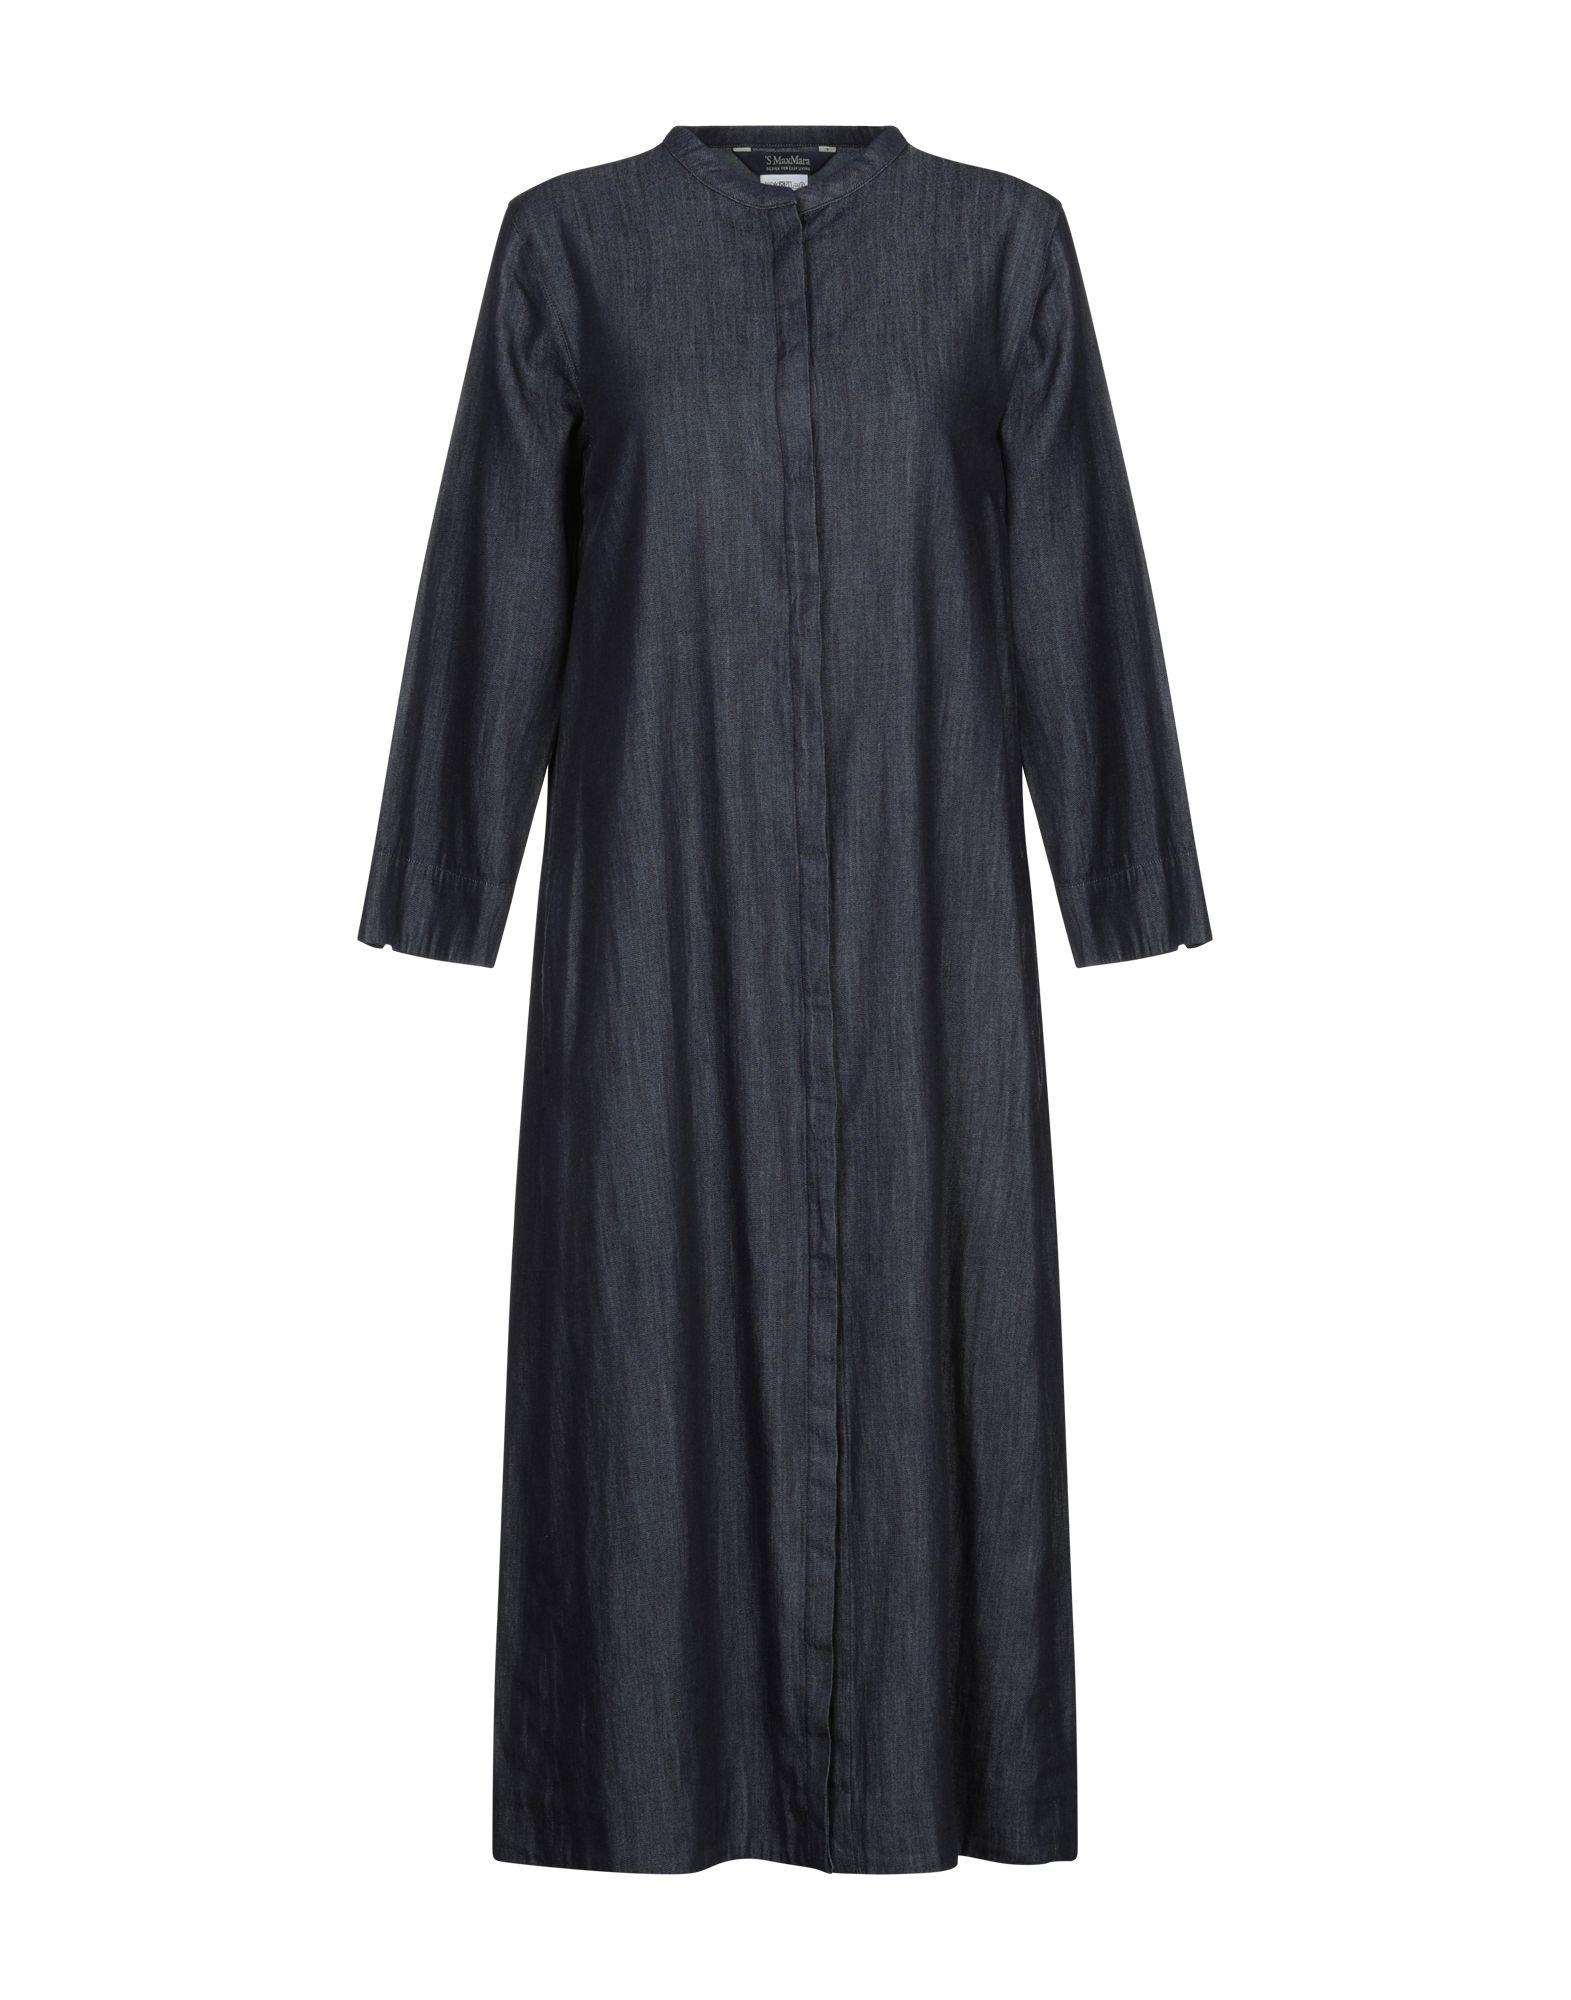 'S MAX MARA Платье длиной 3/4 max mara юбка длиной 3 4